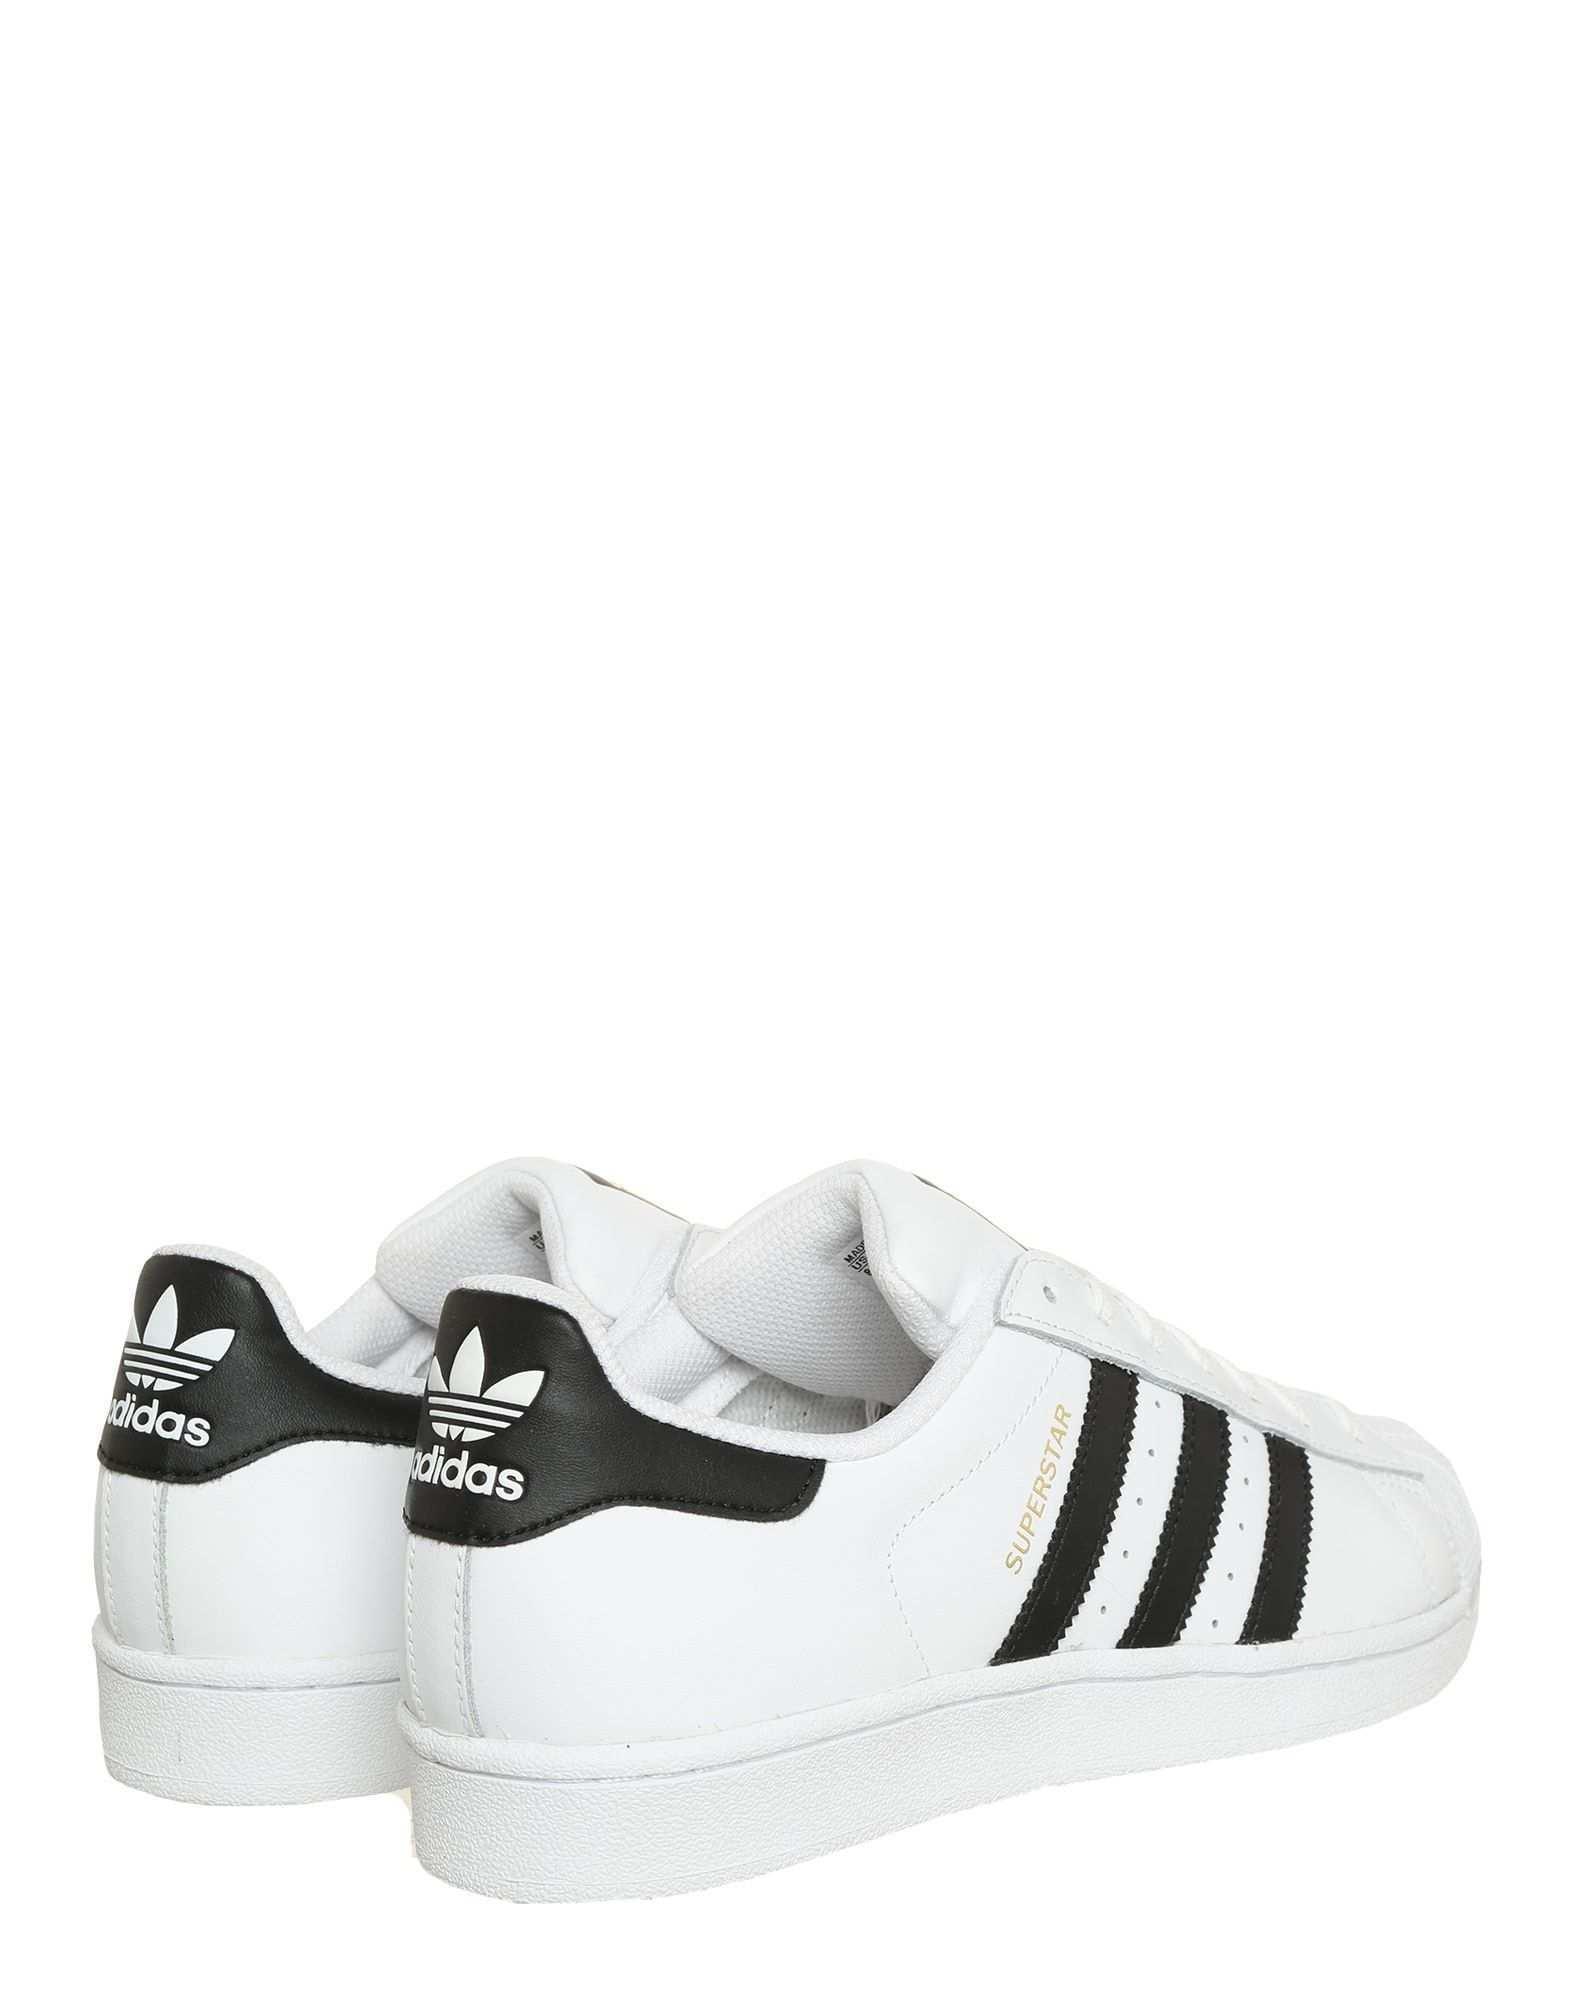 Adidas Originals Sneaker Superstar In Schwarz Weiss Adidasclothes Adidas Originals Sneaker Superstar D Adidas Superstar Sneakers Adidas Superstar Sneaker